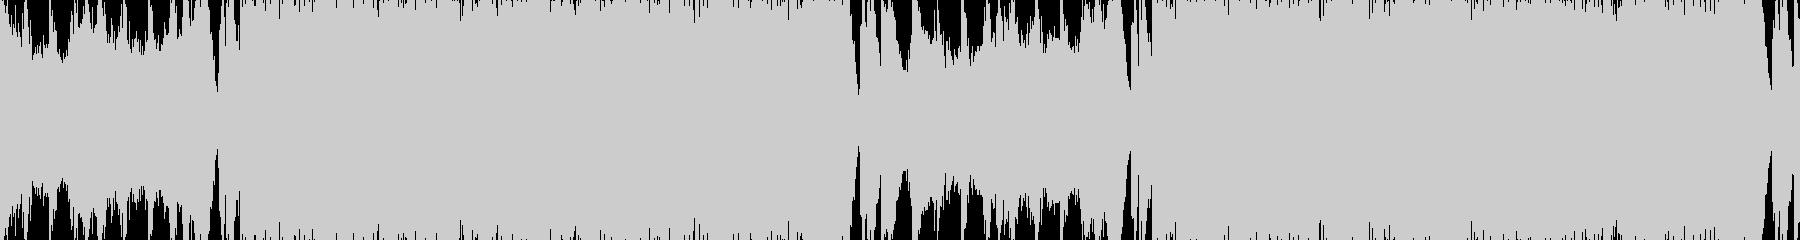 期待感を煽る壮大なエピック音楽 ループの未再生の波形